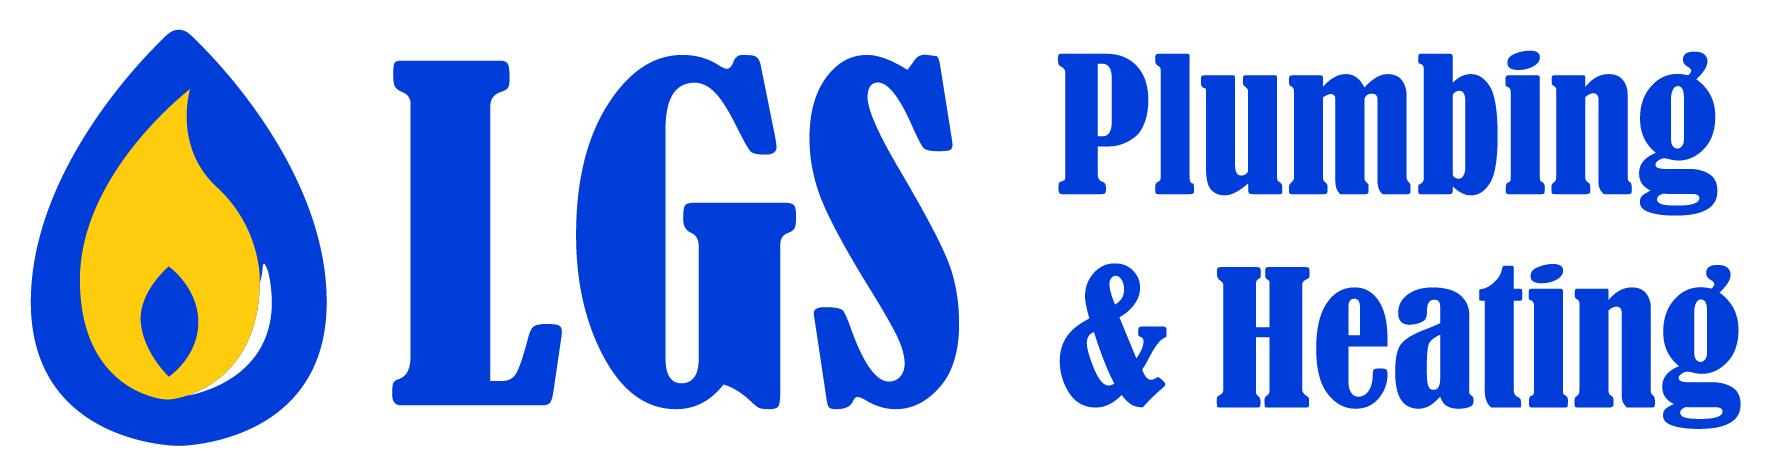 LGS Plumbing & Heating